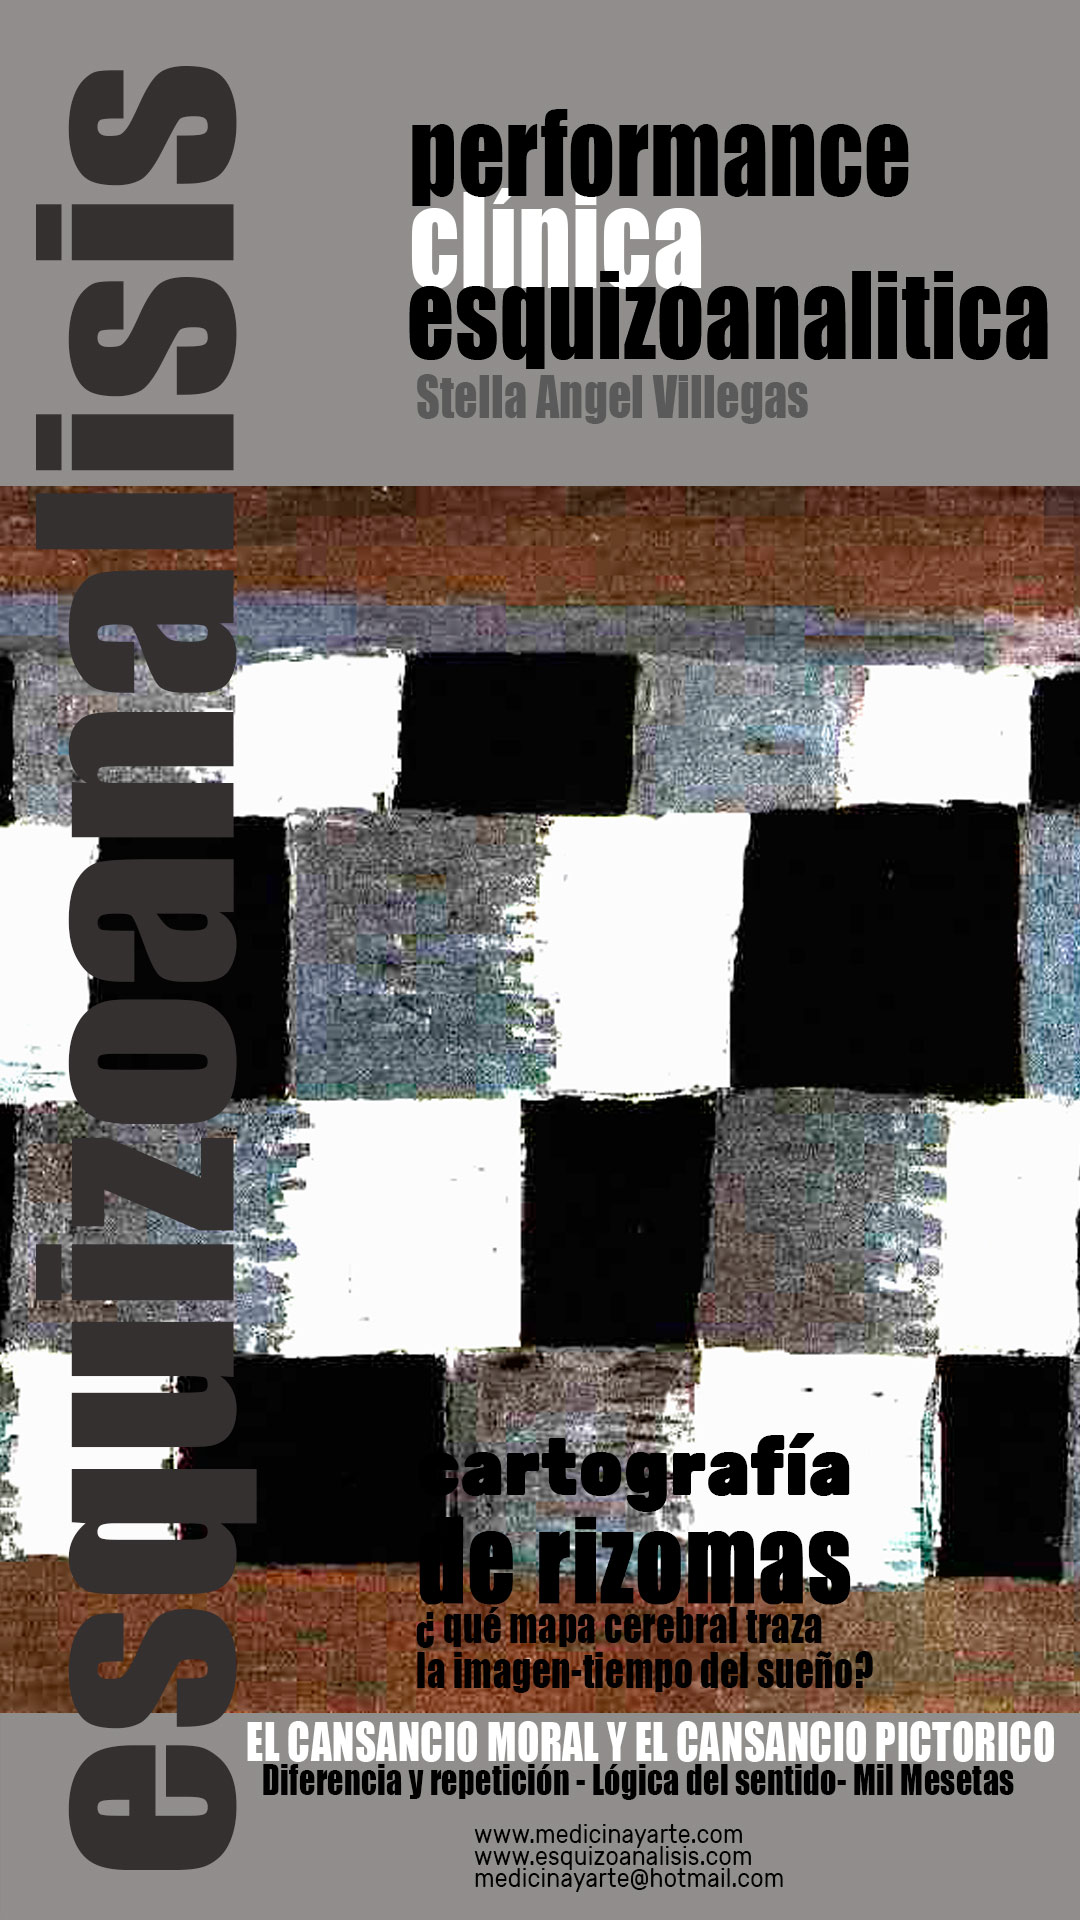 http://medicinayarte.com/img/EL-CANSANCIO-MORAL-Y-EL-CANSANCIO-PICTORICO.jpg